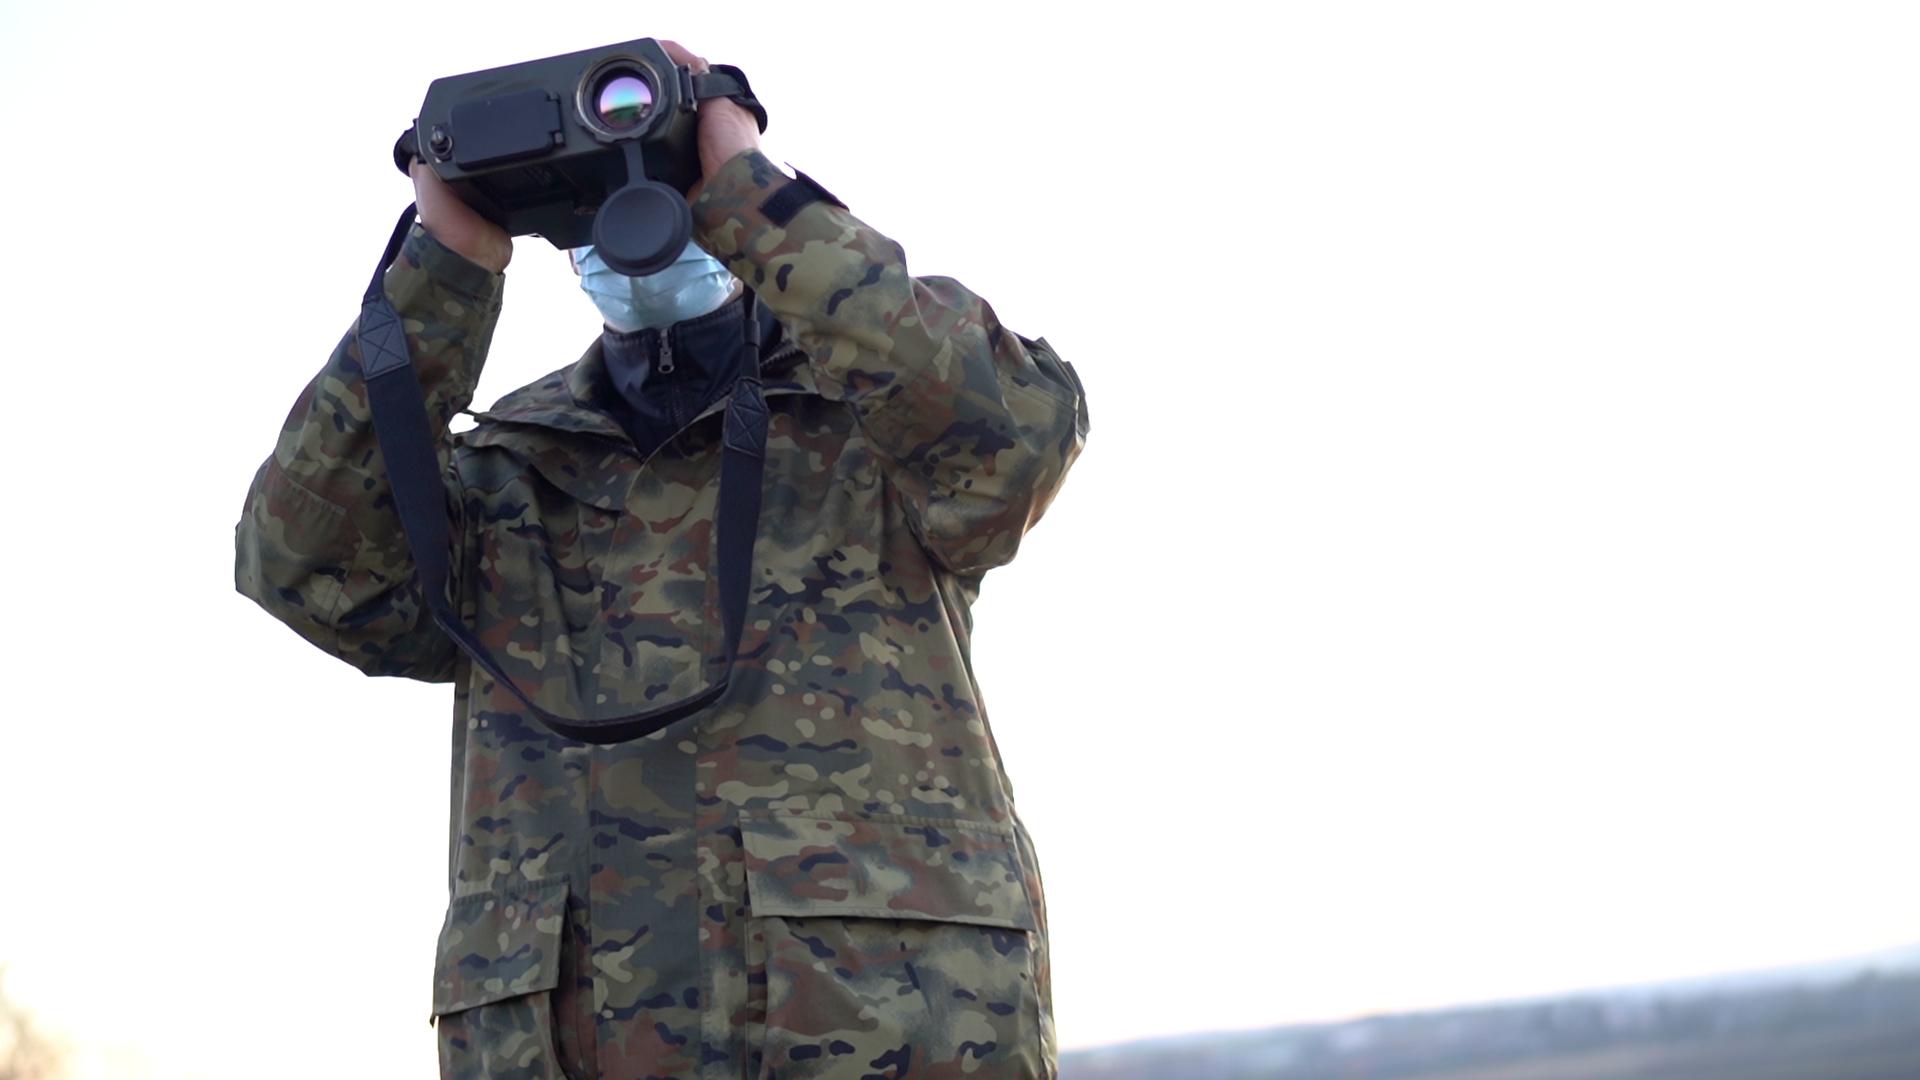 Nowoczesne kamery termowizyjne w rękach strażników BiOSG - Zdjęcie główne